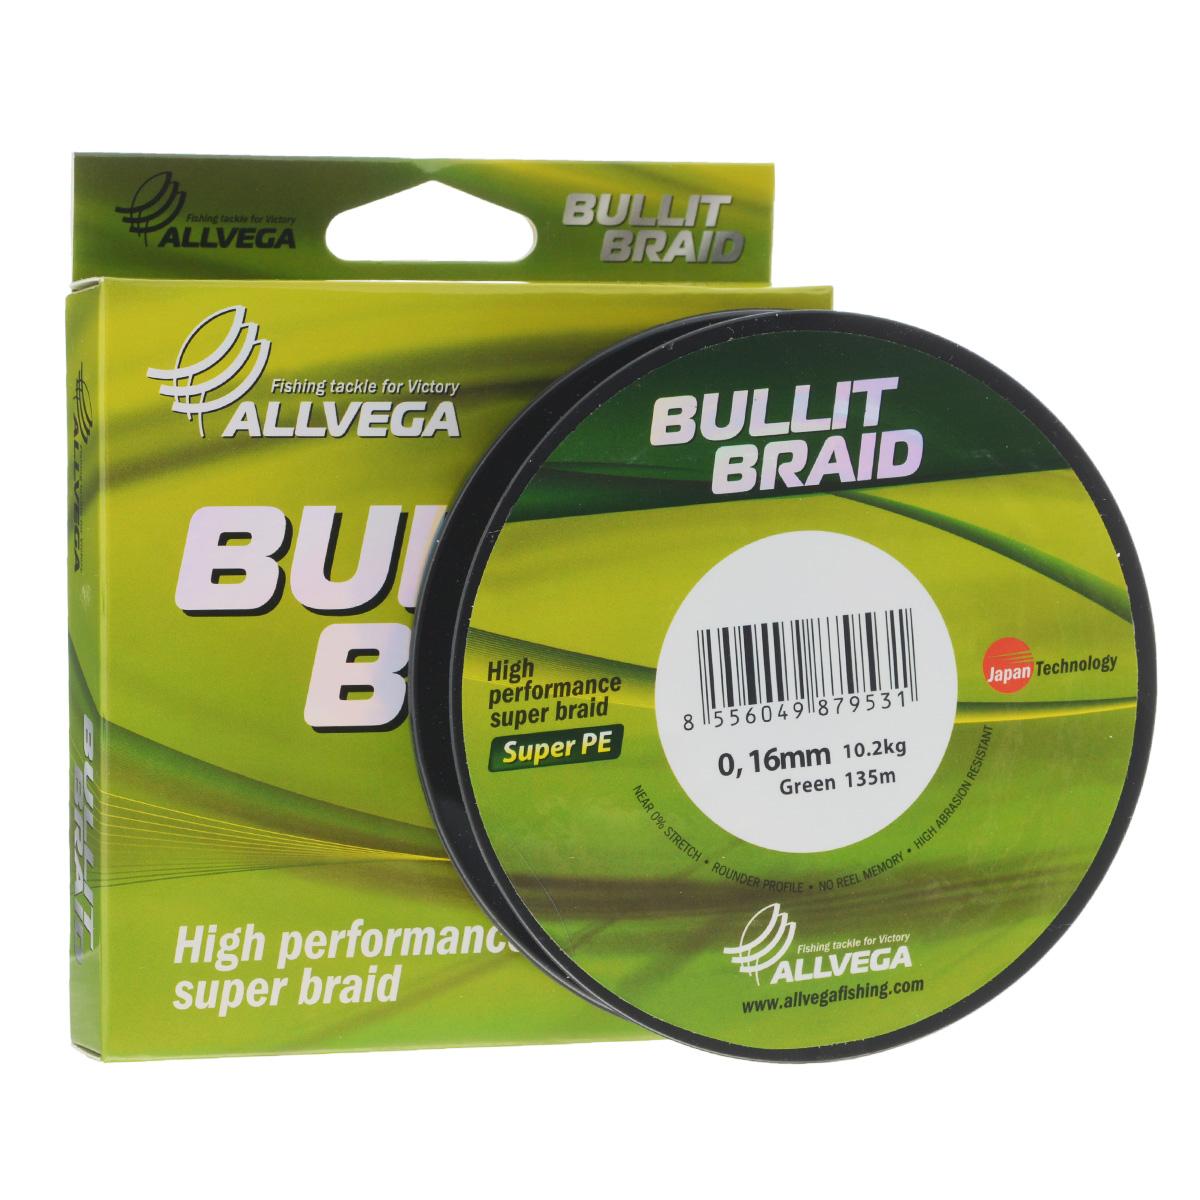 Леска плетеная Allvega Bullit Braid, цвет: темно-зеленый, 135 м, 0,16 мм, 10,2 кг21442Леска Allvega Bullit Braid с гладкой поверхностью и одинаковым сечением по всей длине обладает высокой износостойкостью. Благодаря микроволокнам полиэтилена (Super PE) леска имеет очень плотное плетение и не впитывает воду. Леску Allvega Bullit Braid можно применять в любых типах водоемов. Особенности: повышенная износостойкость; высокая чувствительность - коэффициент растяжения близок к нулю; отсутствует память; идеально гладкая поверхность позволяет увеличить дальность забросов; высокая прочность шнура на узлах.